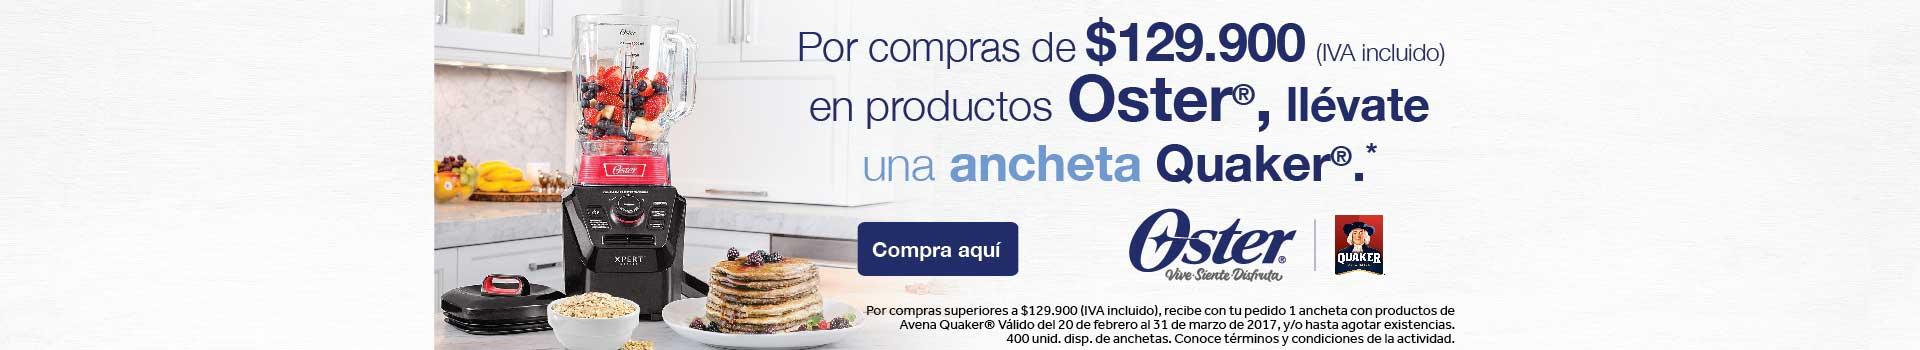 CAT PEQUEÑOS - Pauta Oster - feb 21 - Anchetas QUAKER por compras de $129.900 en marca OSTER